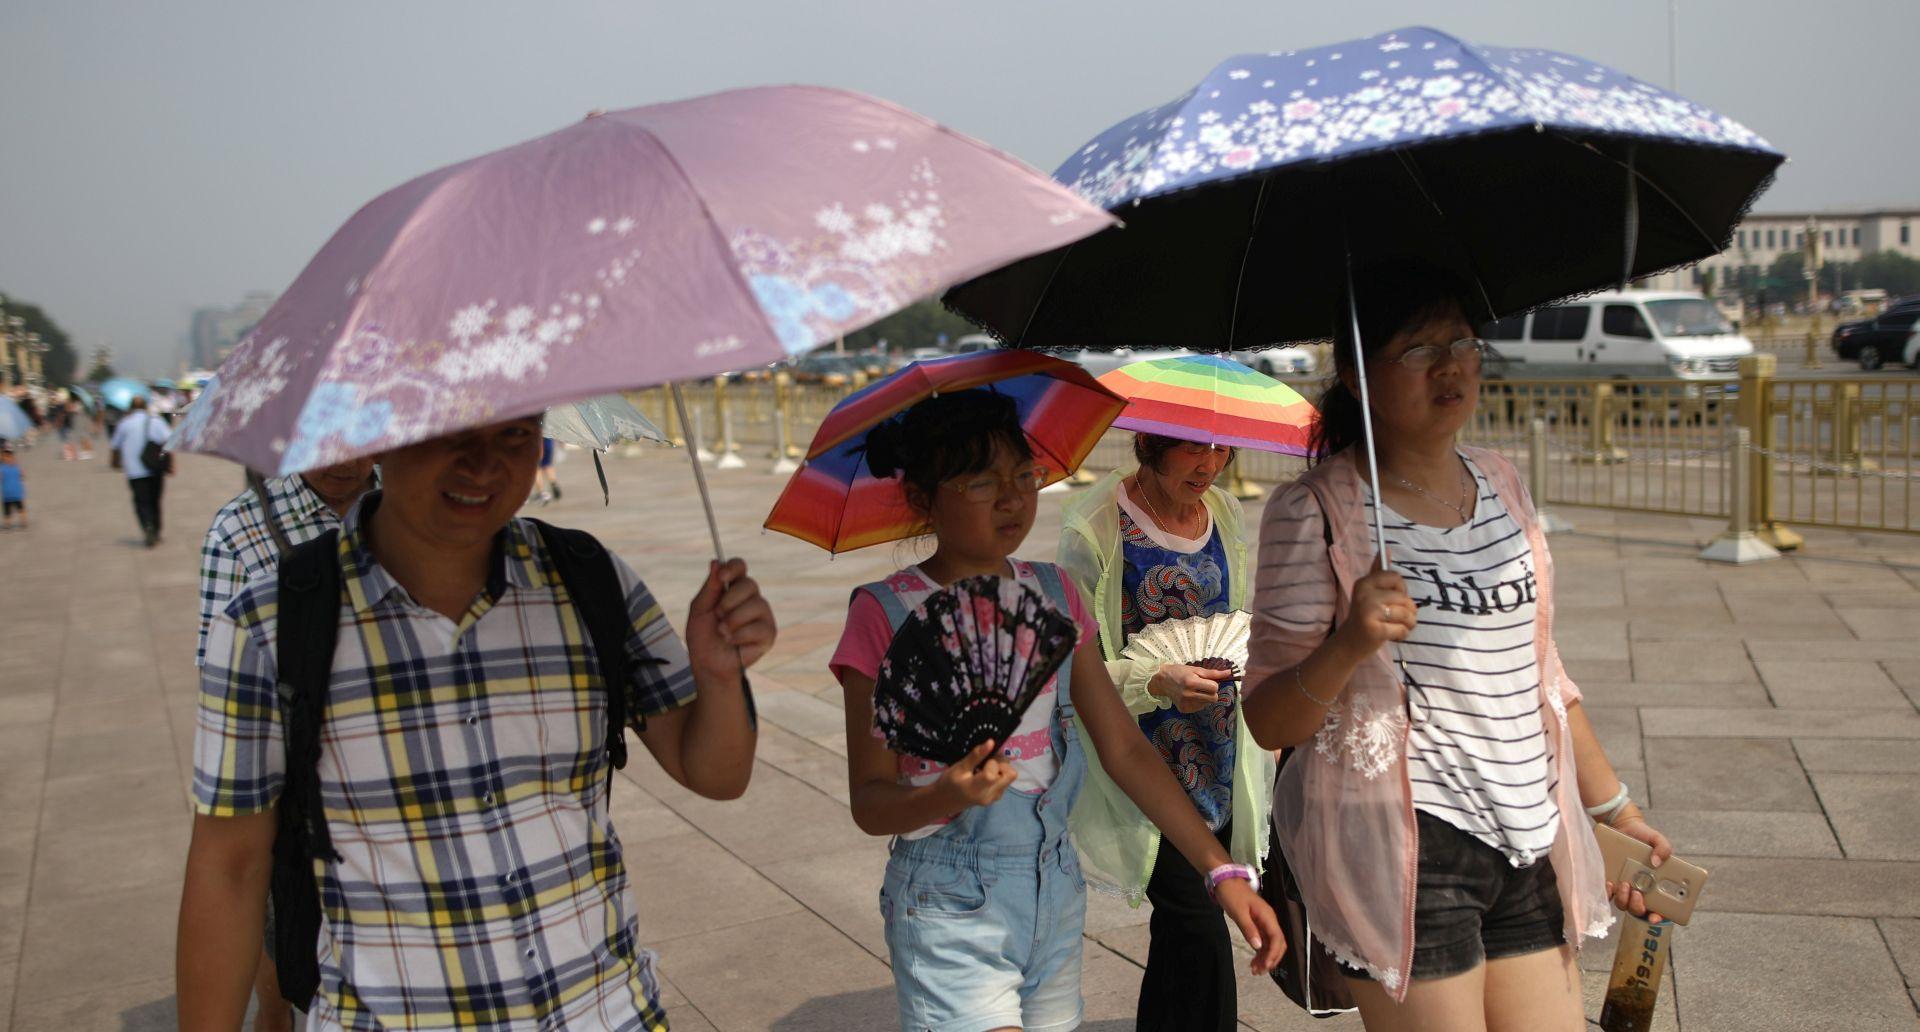 Izmjerena rekordna temperatura u Šangaju od 40,9 stupnjeva Celzijevih